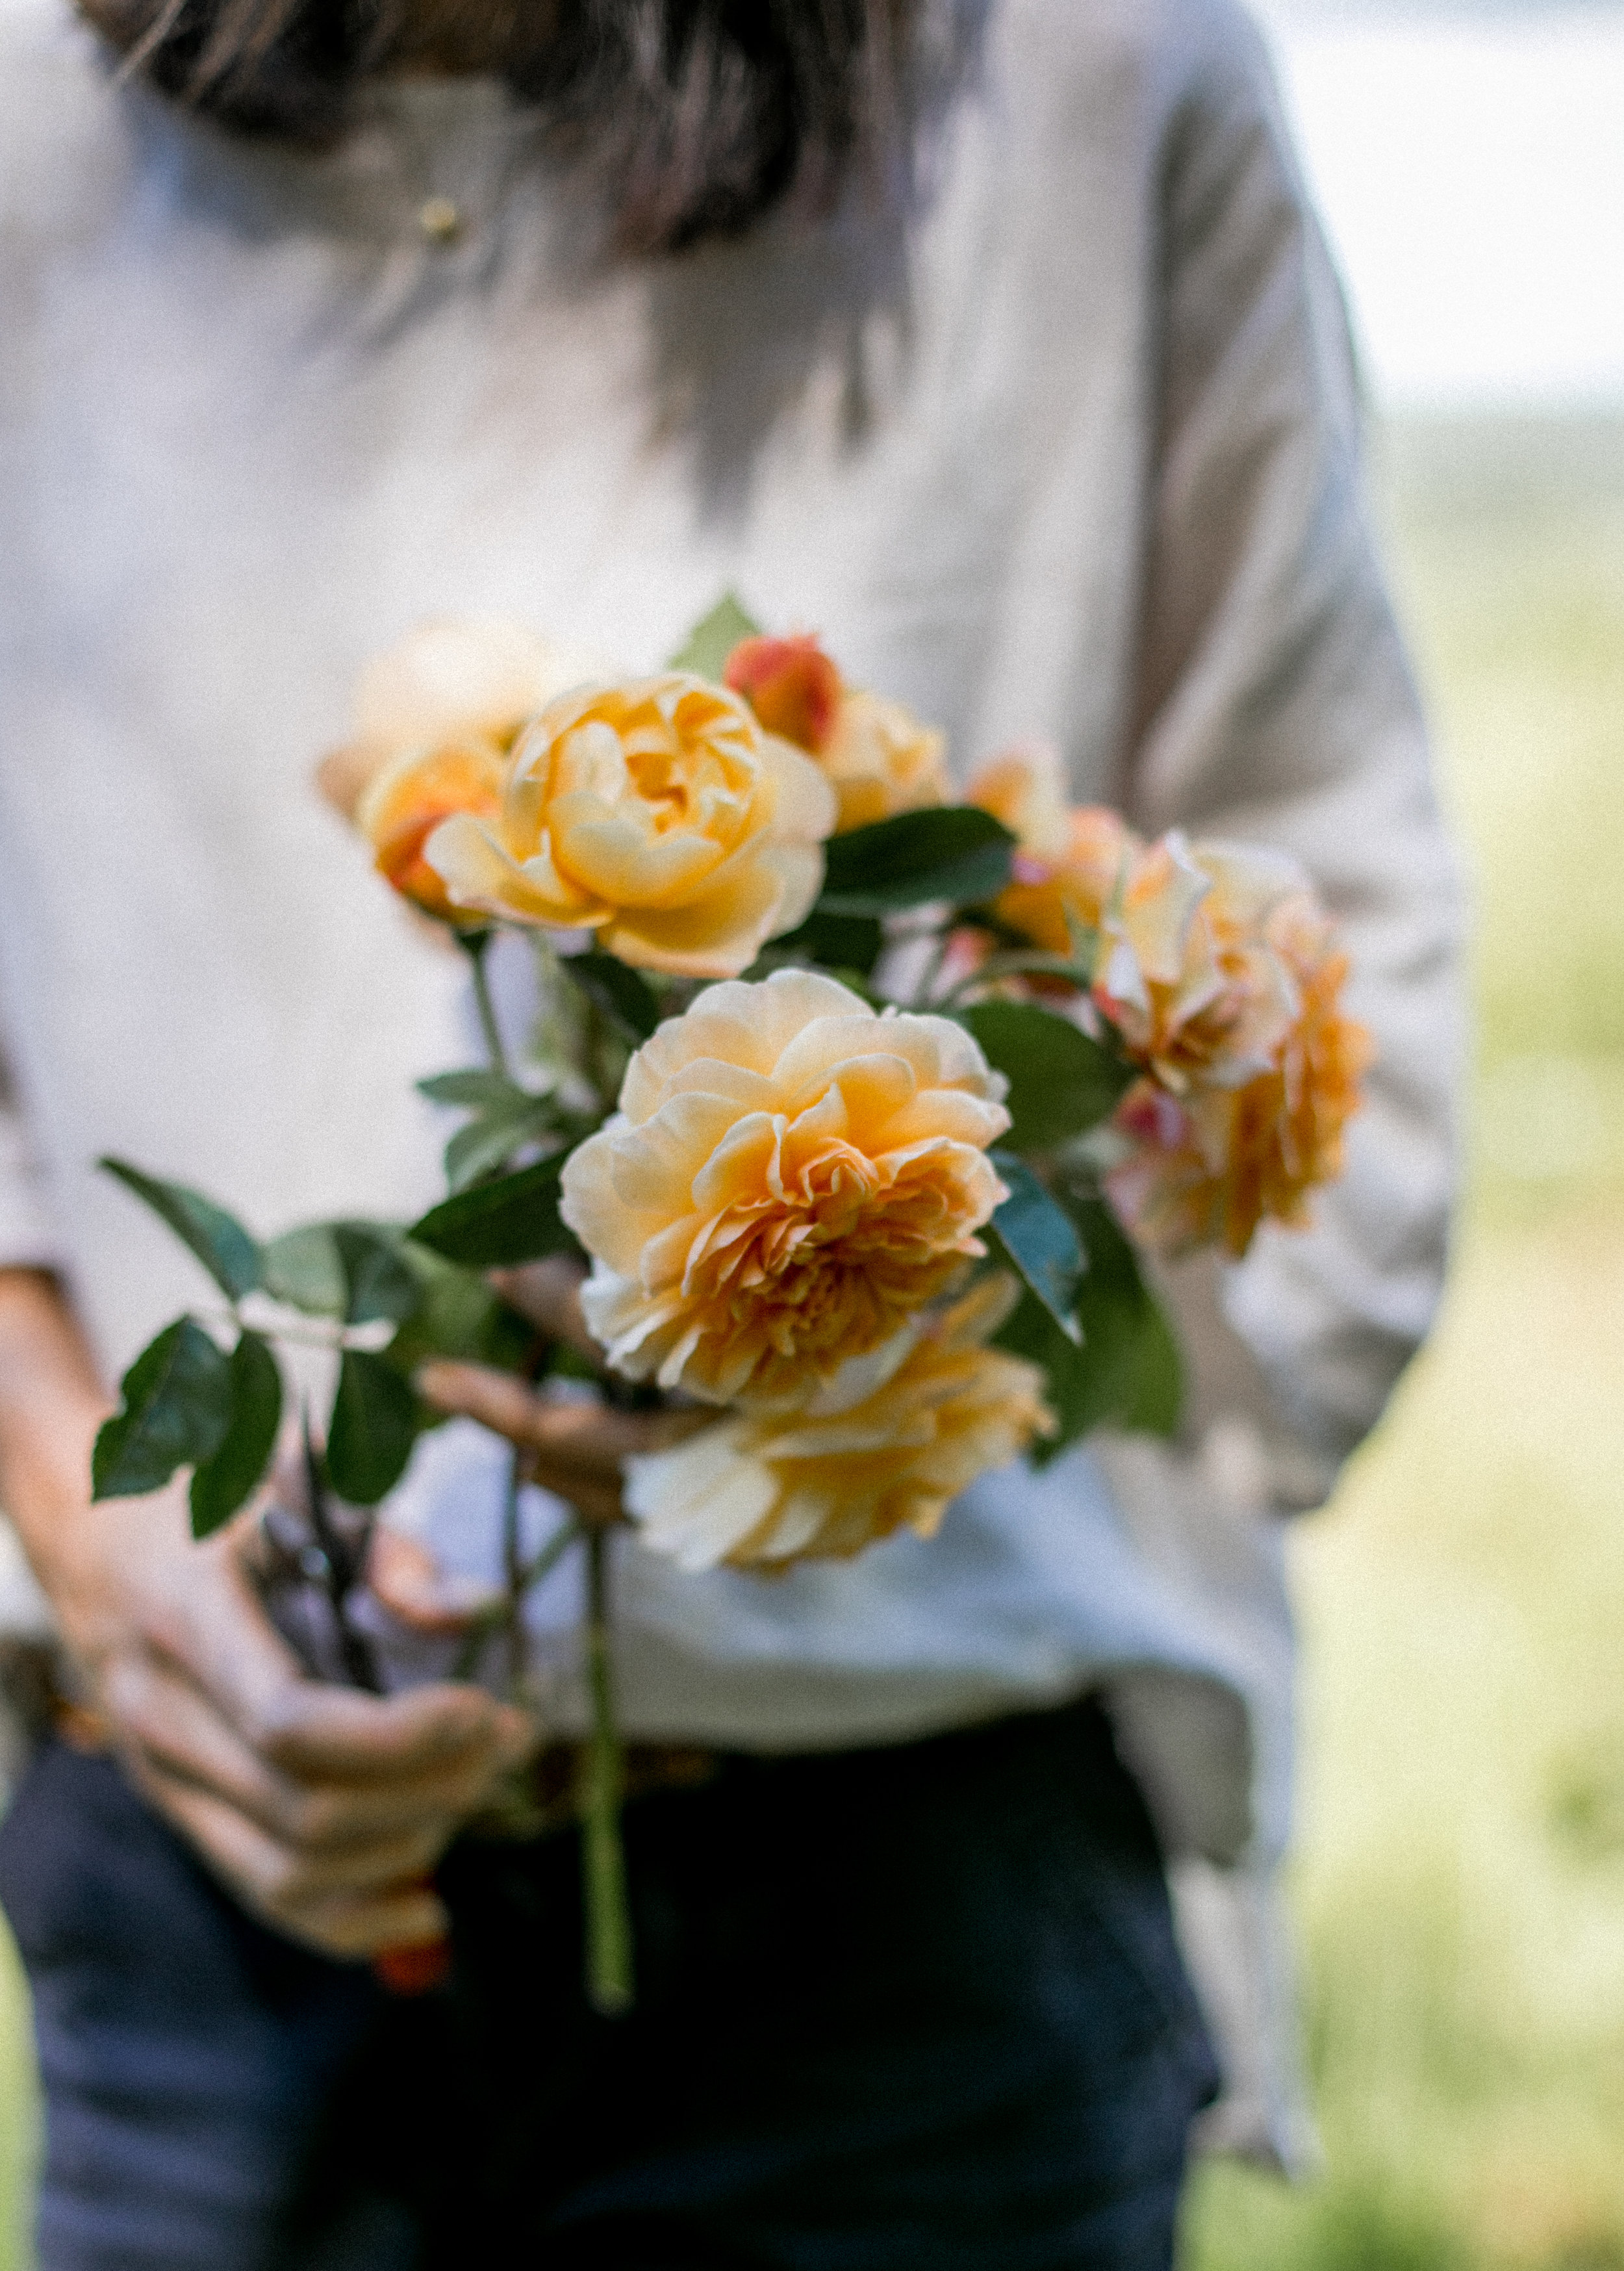 Roses-32.jpg